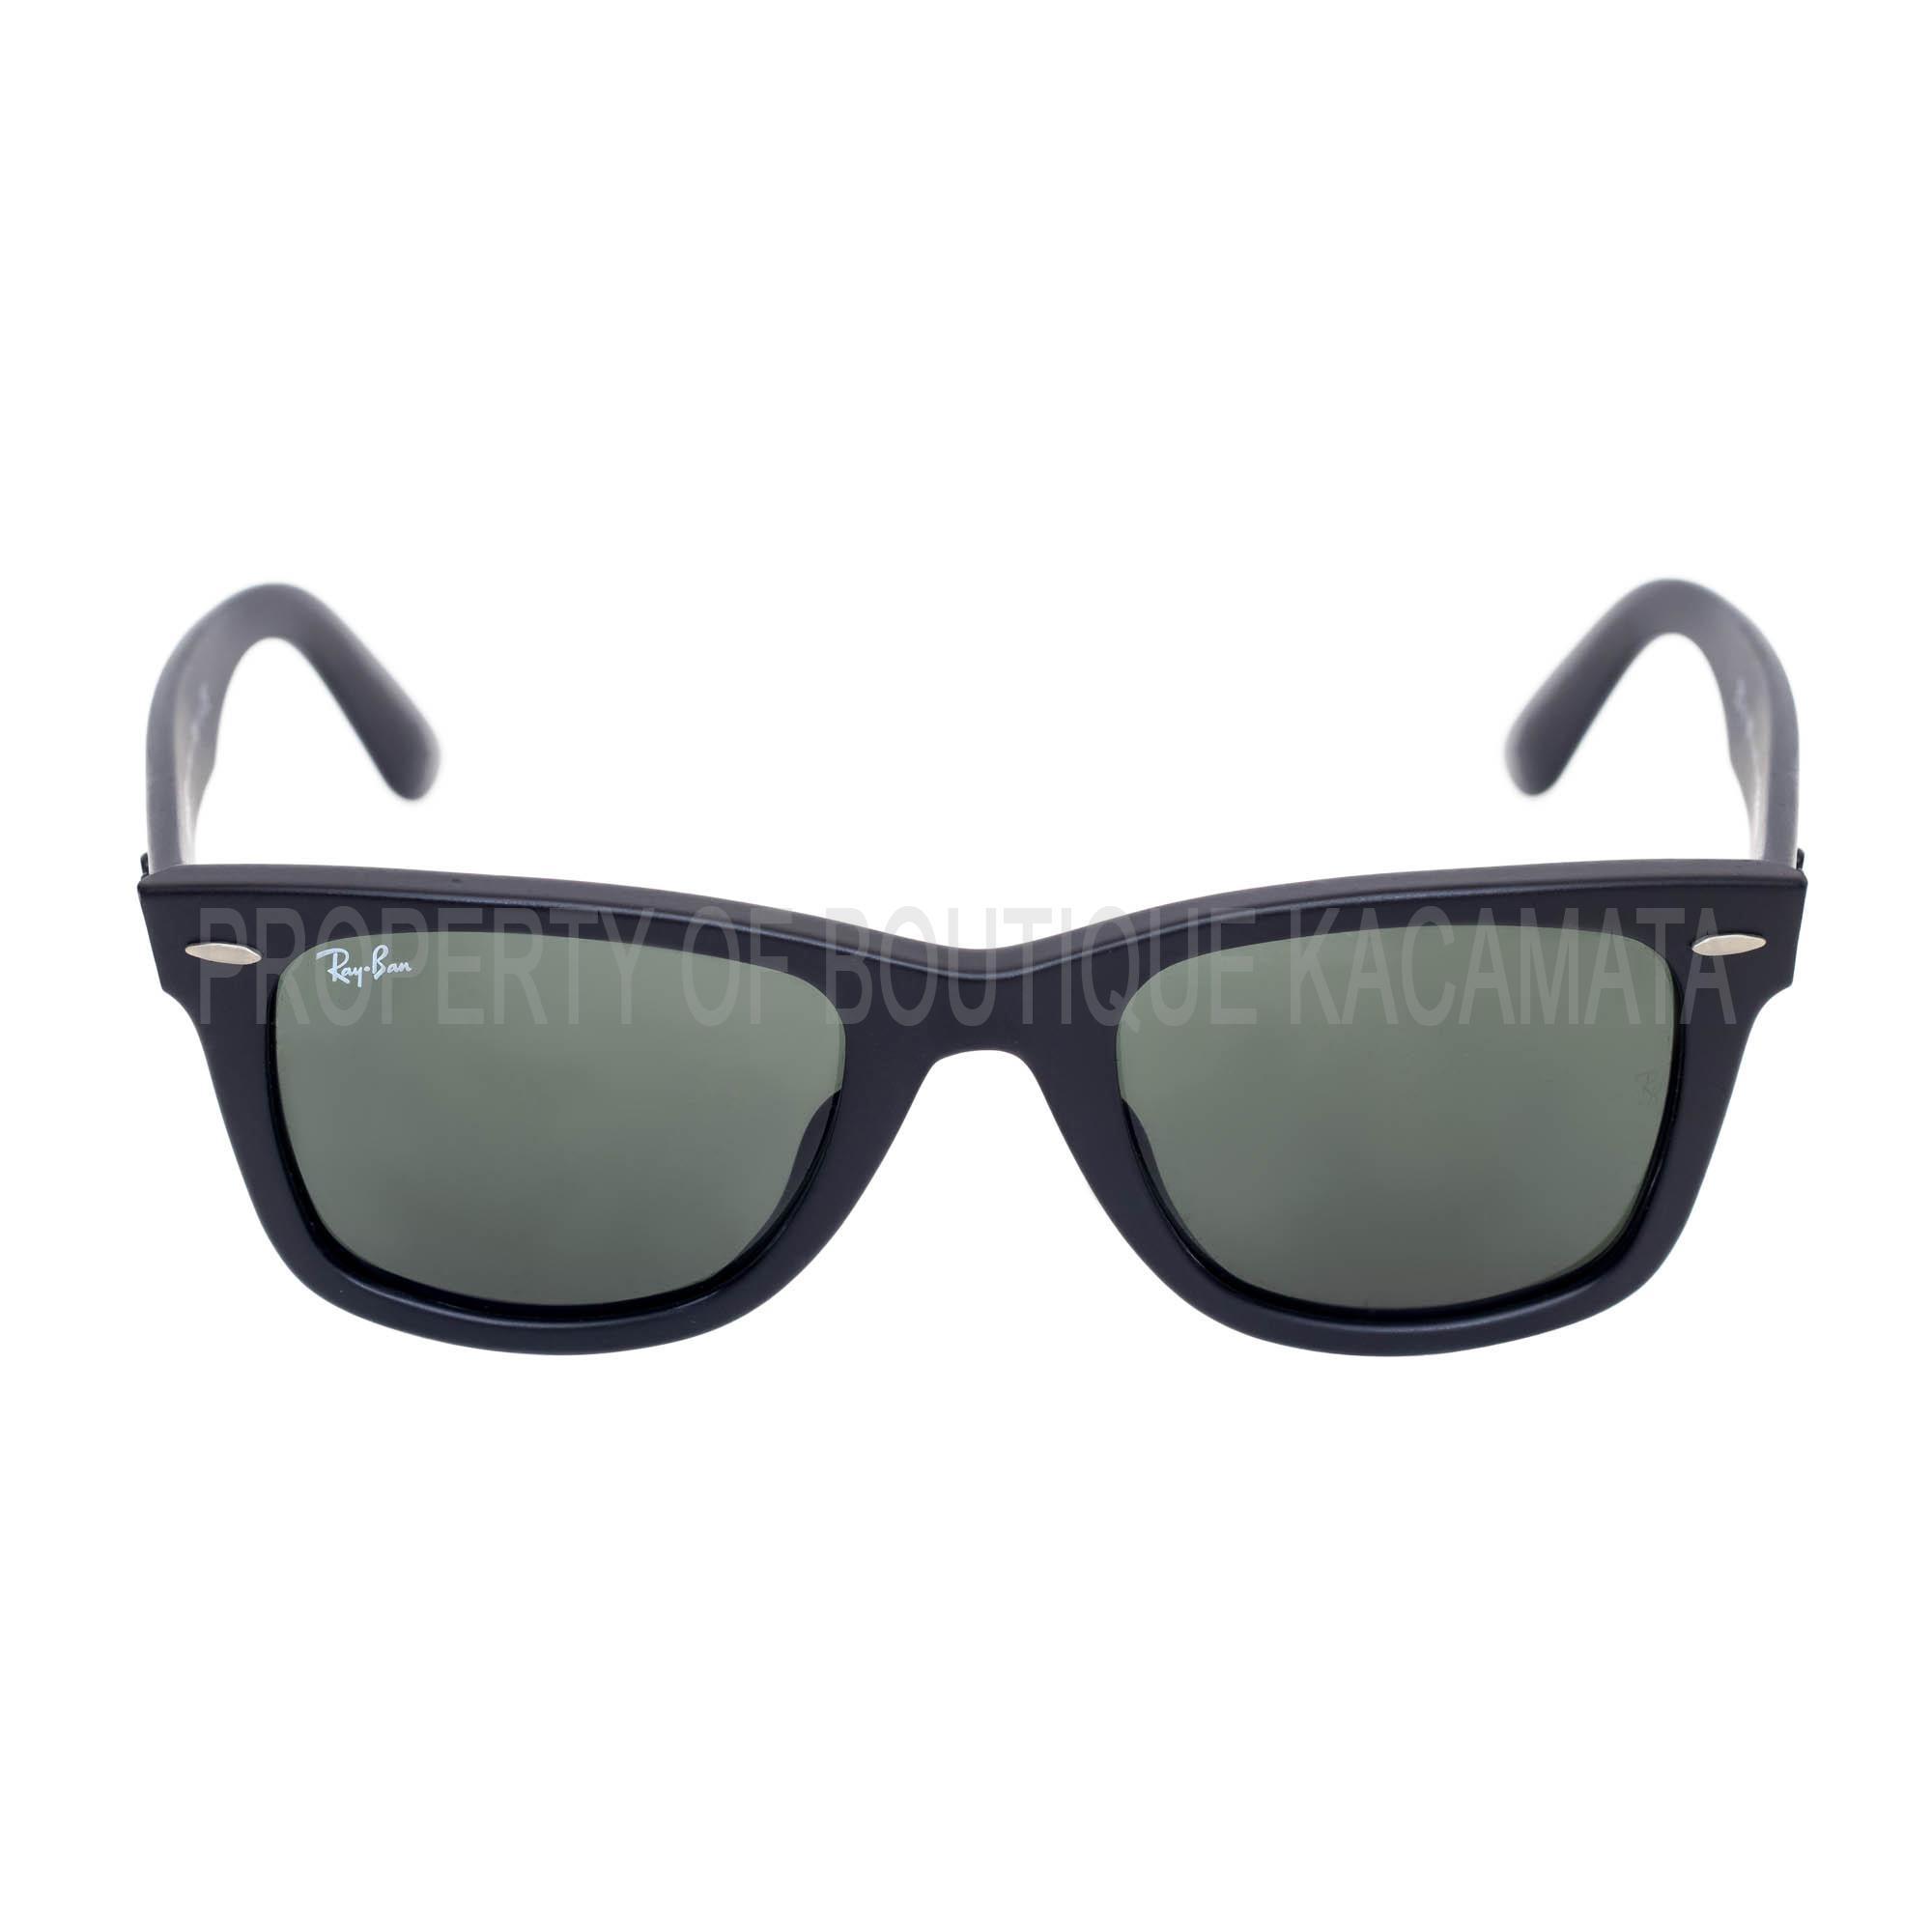 best price harga kacamata rayban tech yg 0b145 8a6c8 c65a57d83f